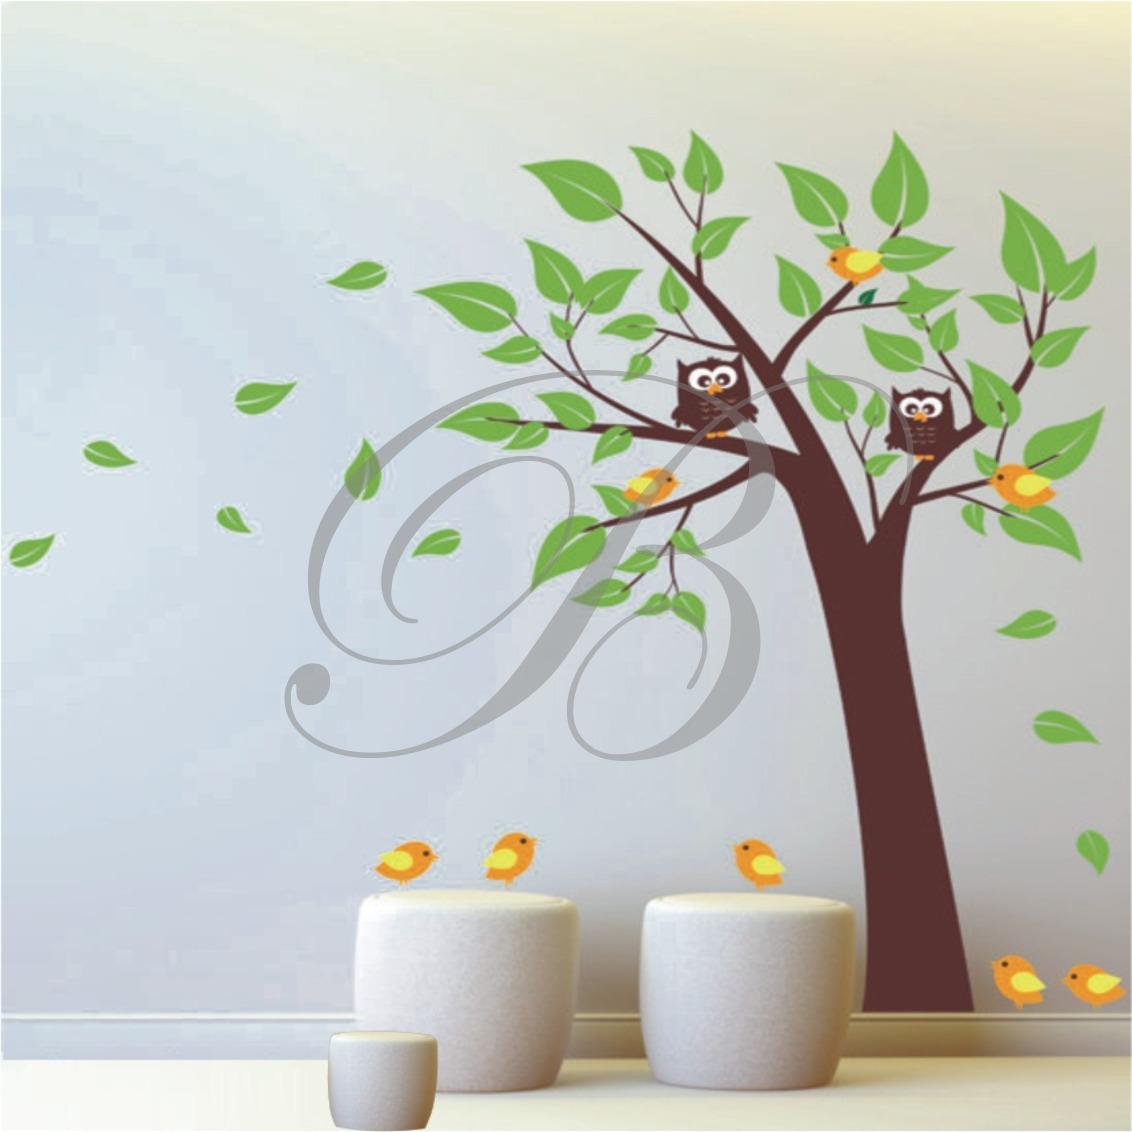 Adesivo Decorativo Parede Rvore Galho P Ssaros Rvore Flor R 129  -> Modelos De Papel De Parede Em Forma De Flores